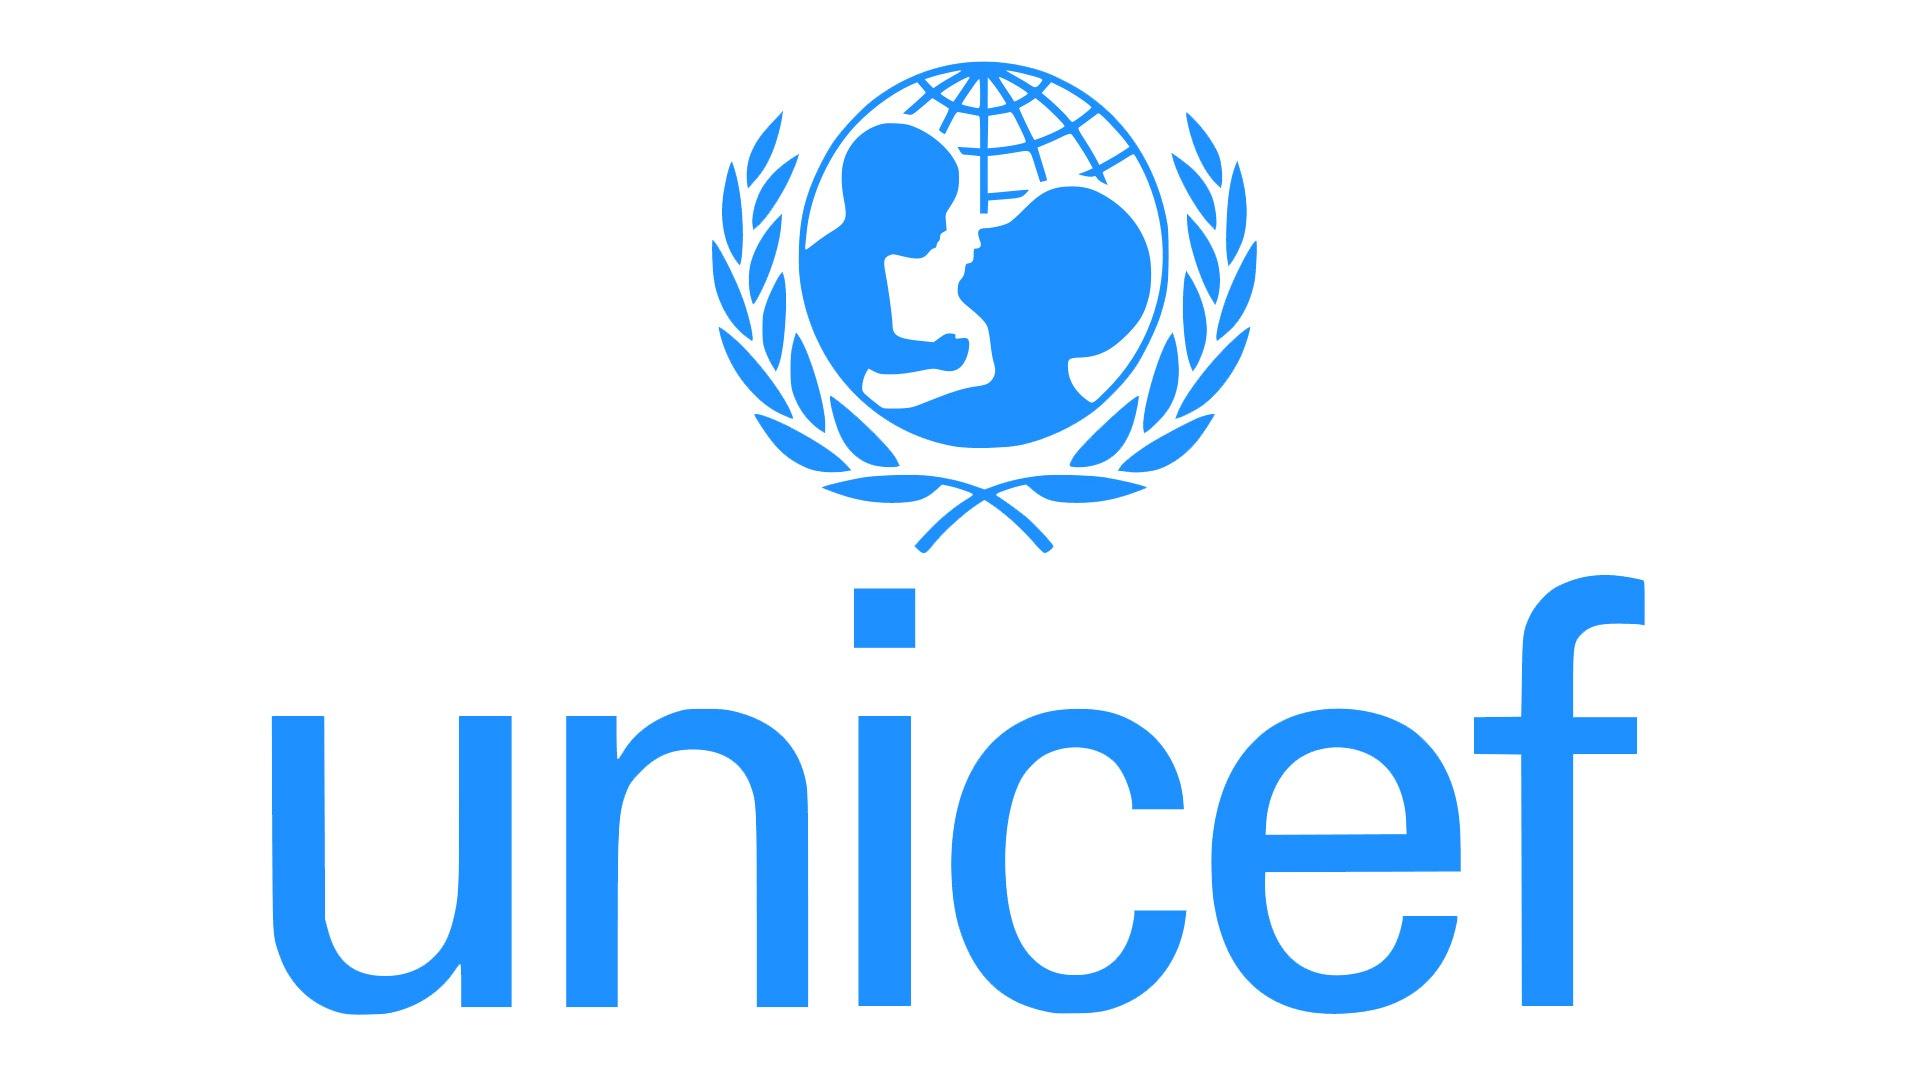 le logo de l unicef